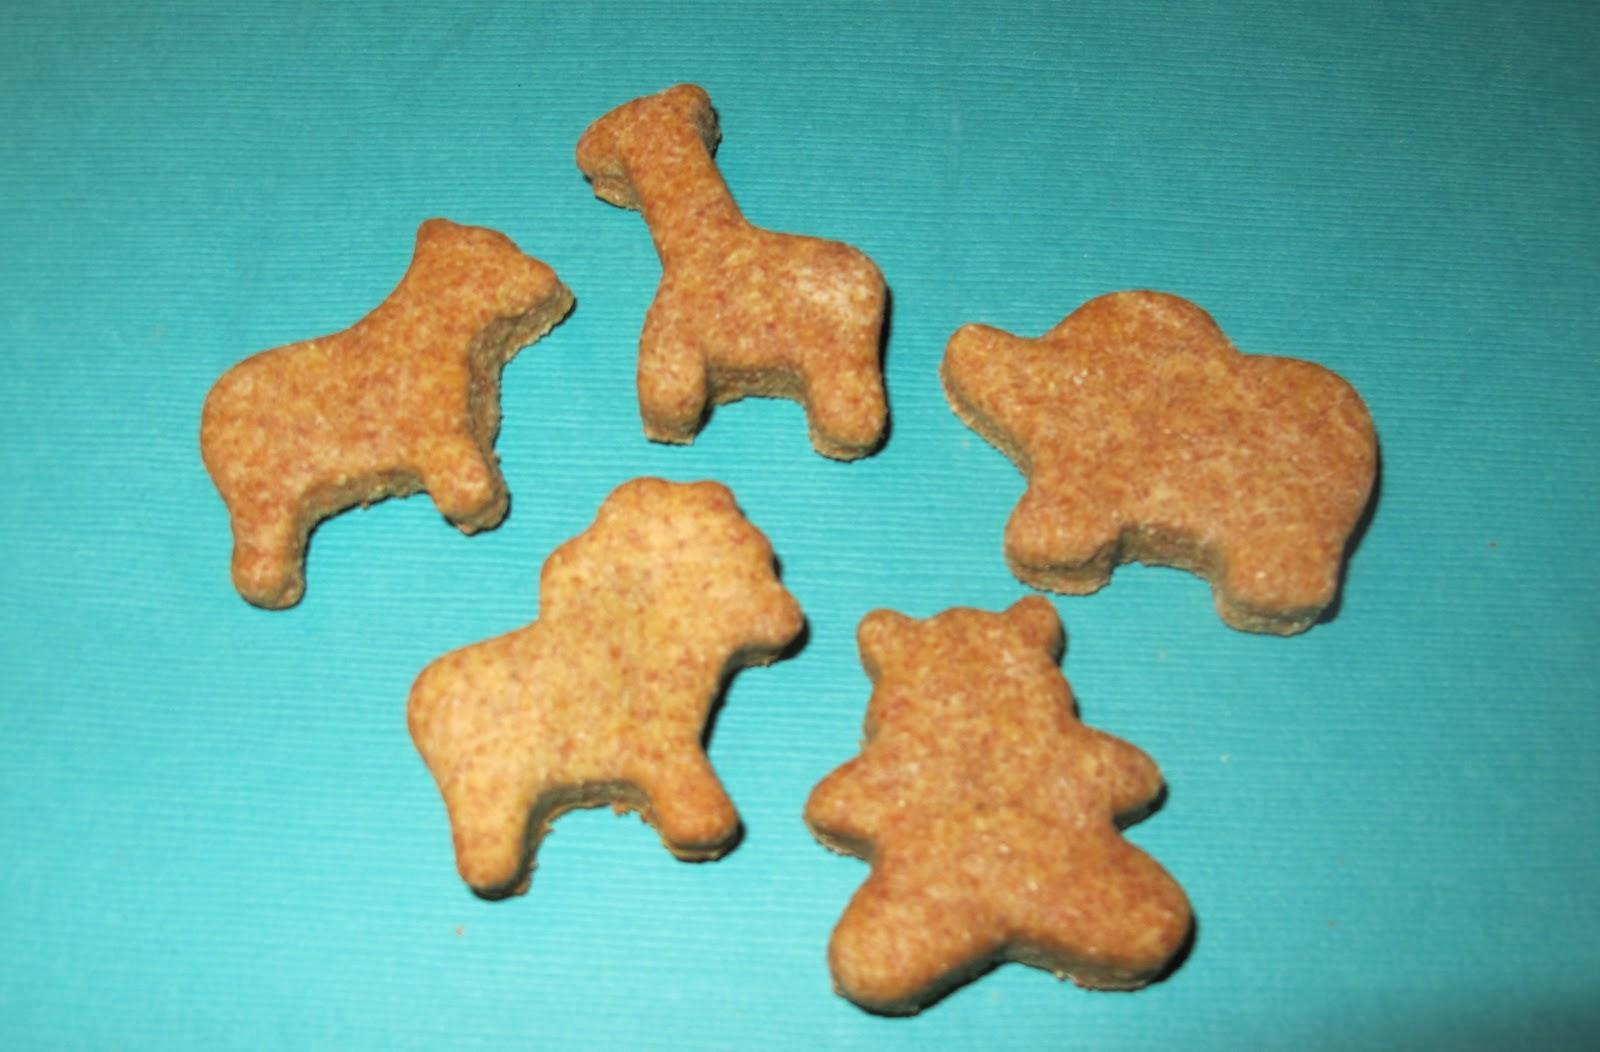 http://1.bp.blogspot.com/-cPaIOFRQovA/UFE_6iMi7iI/AAAAAAAAD8M/OkgwJZbZMyc/s1600/animal%2Bcrackers.jpg